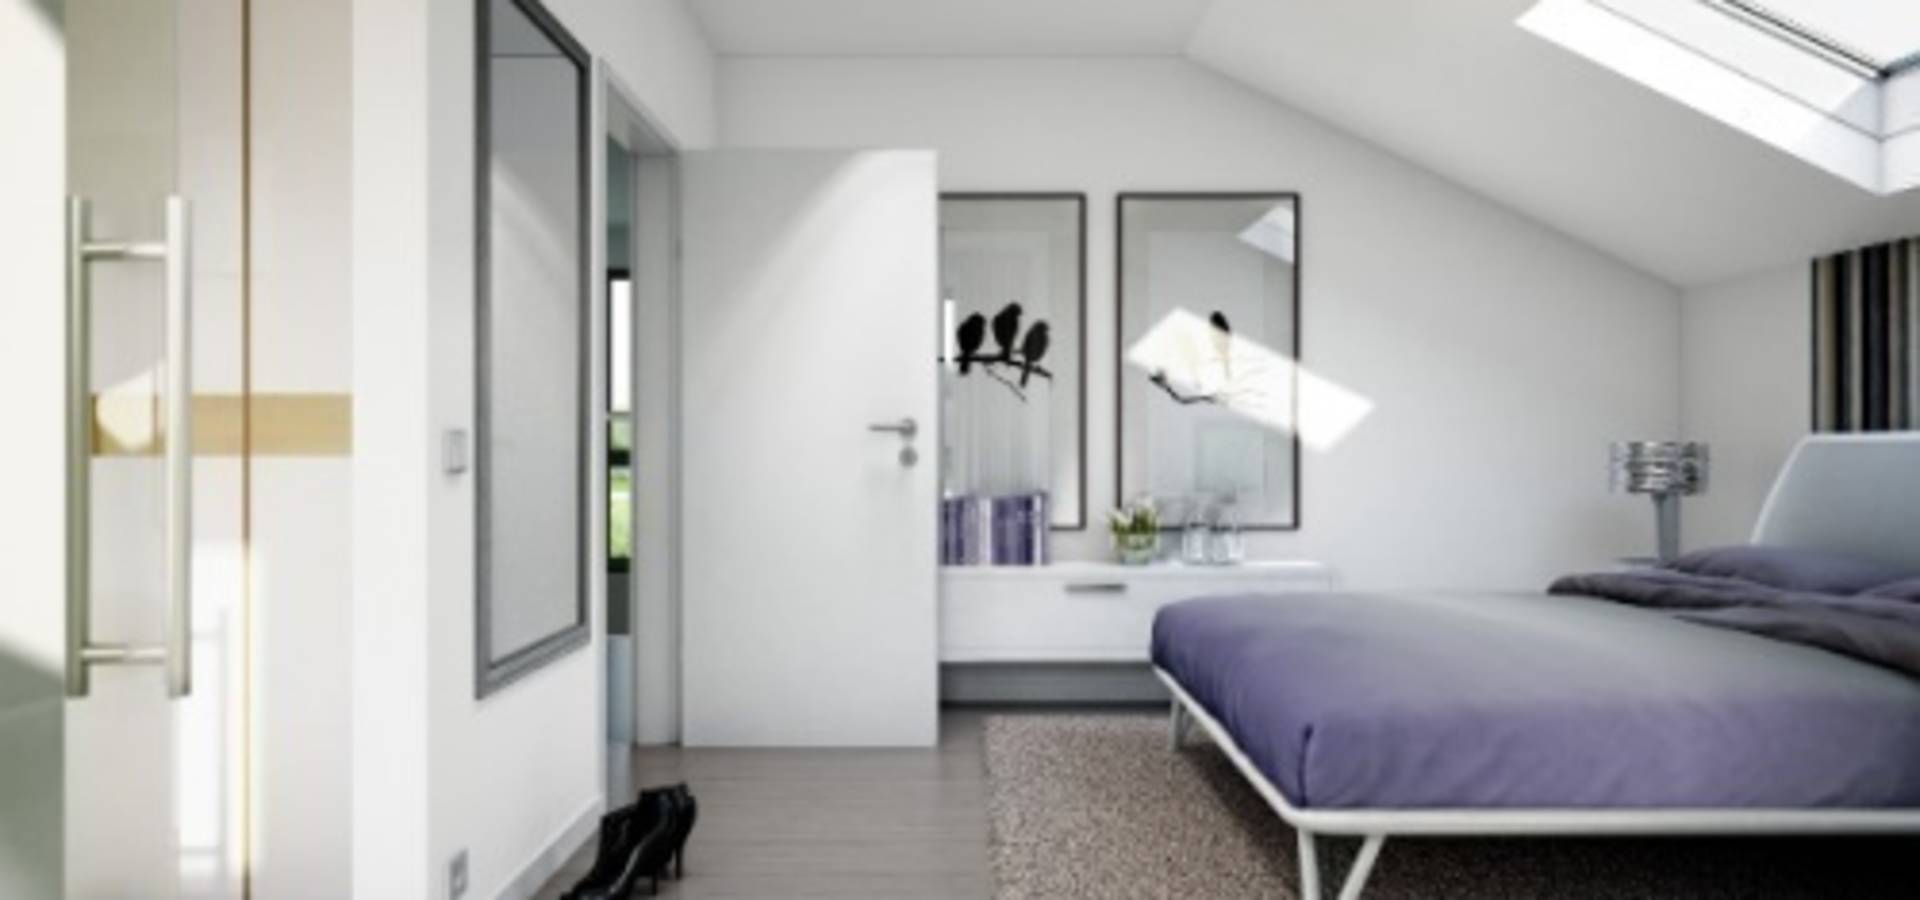 hausimpressionen bien zenker musterhaus celebration pfullingen von bien zenker homify. Black Bedroom Furniture Sets. Home Design Ideas